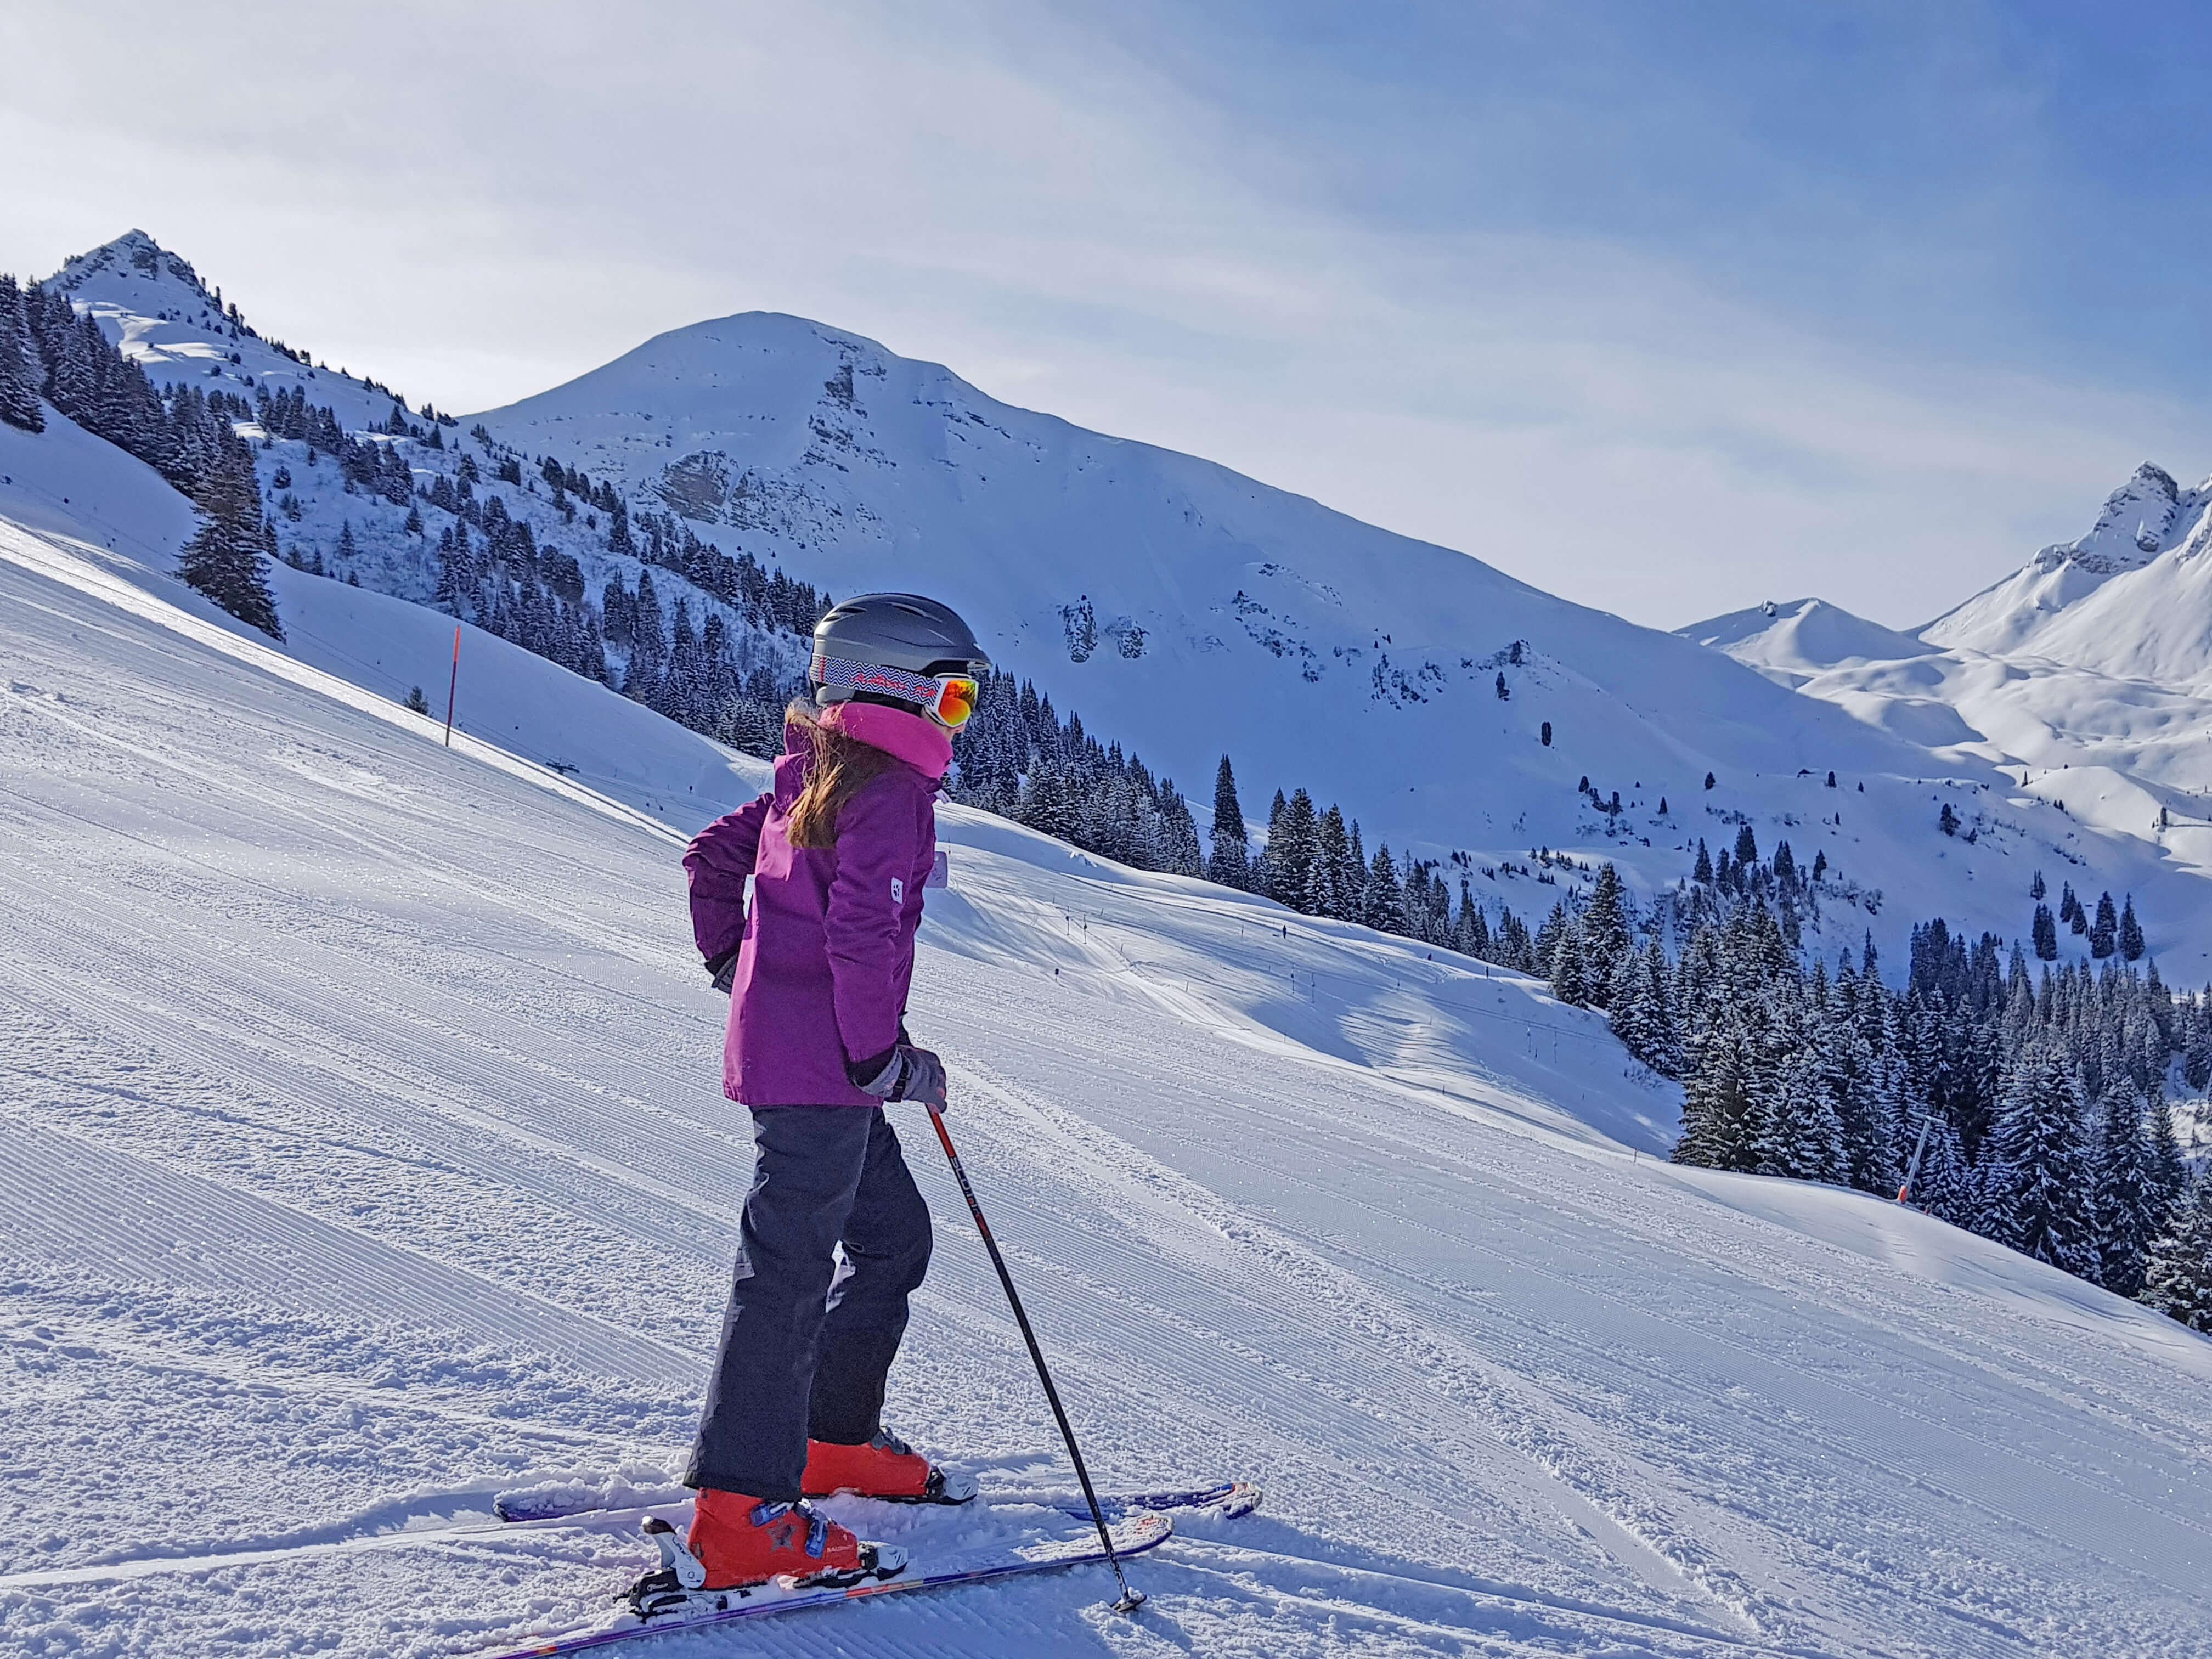 Perfekte Schnee- und Pistenverhältnisse im Skiegebiet Grimmialp